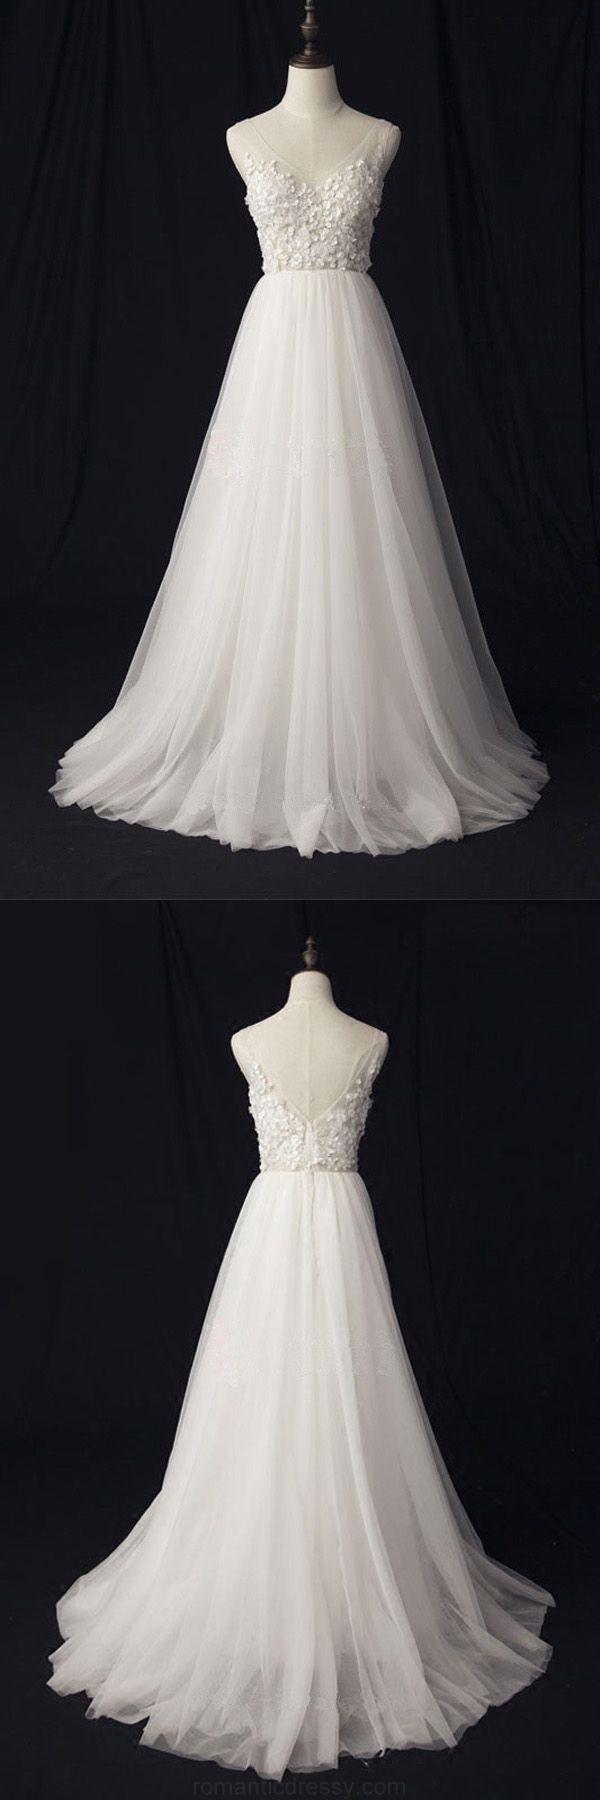 Lace prom dresses cheap prom dresses lace prom dresses prom